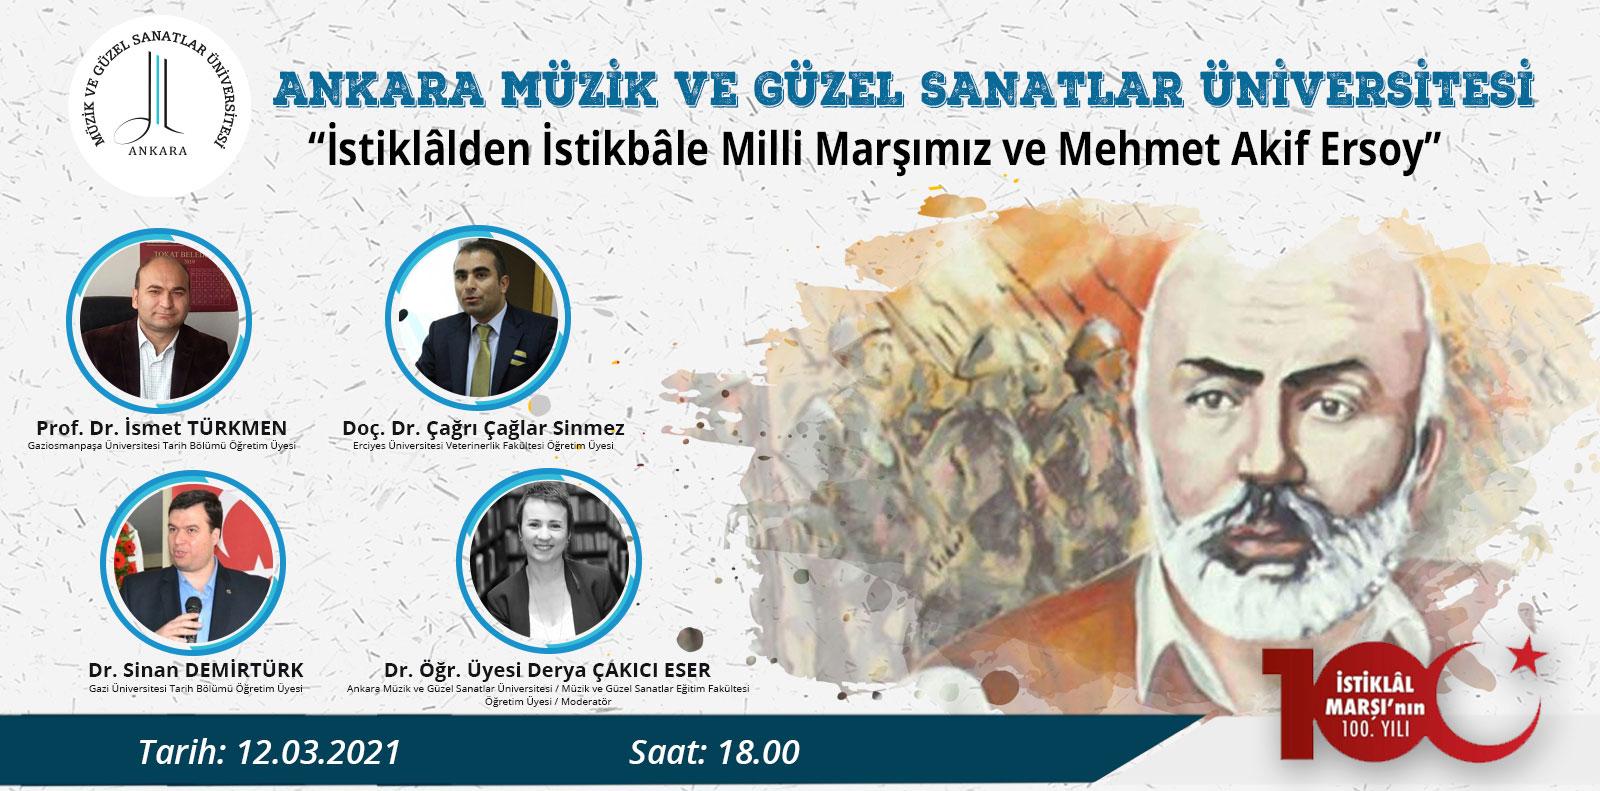 İstiklalden İstikbale Milli Marşımız ve Mehmet Aki